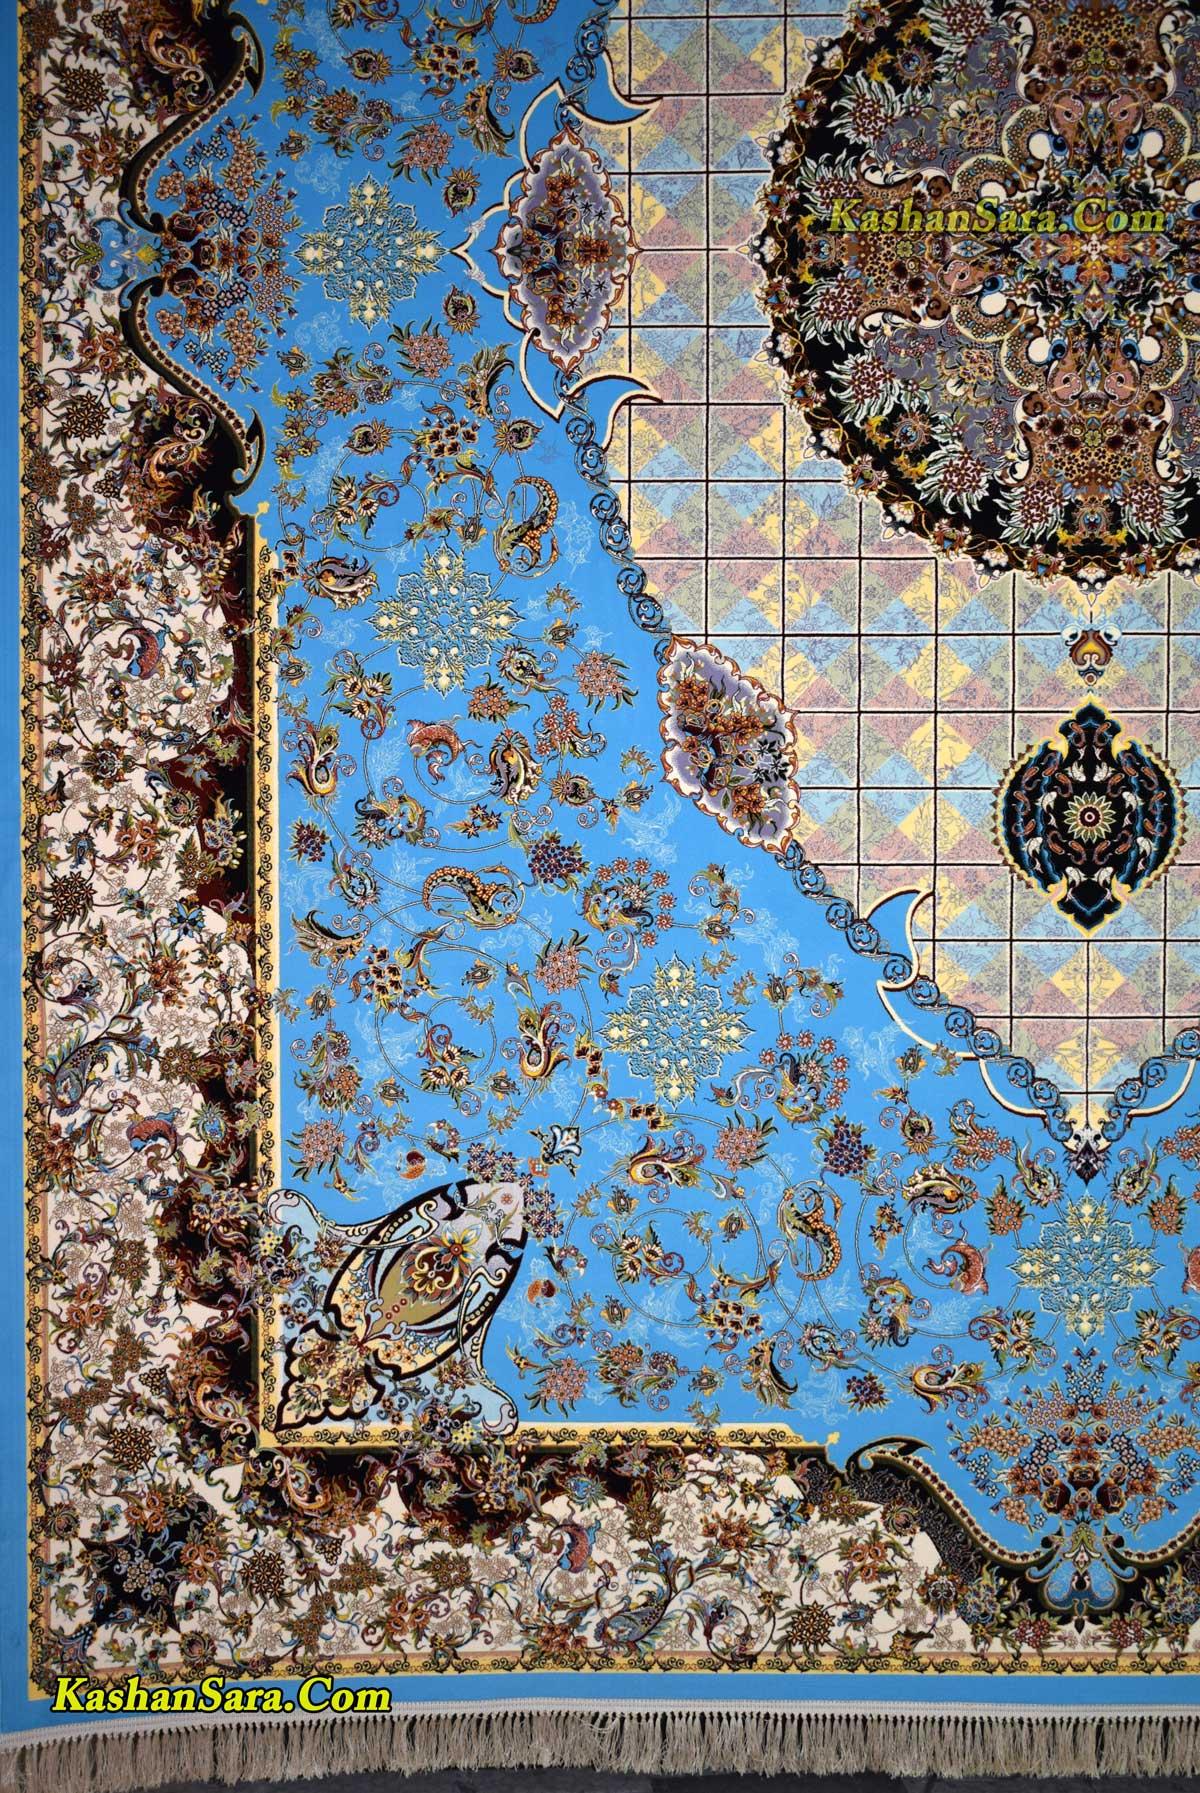 فرش ماشینی ۱۲۰۰ شانه تراکم ۳۶۰۰ نقشه مجنون